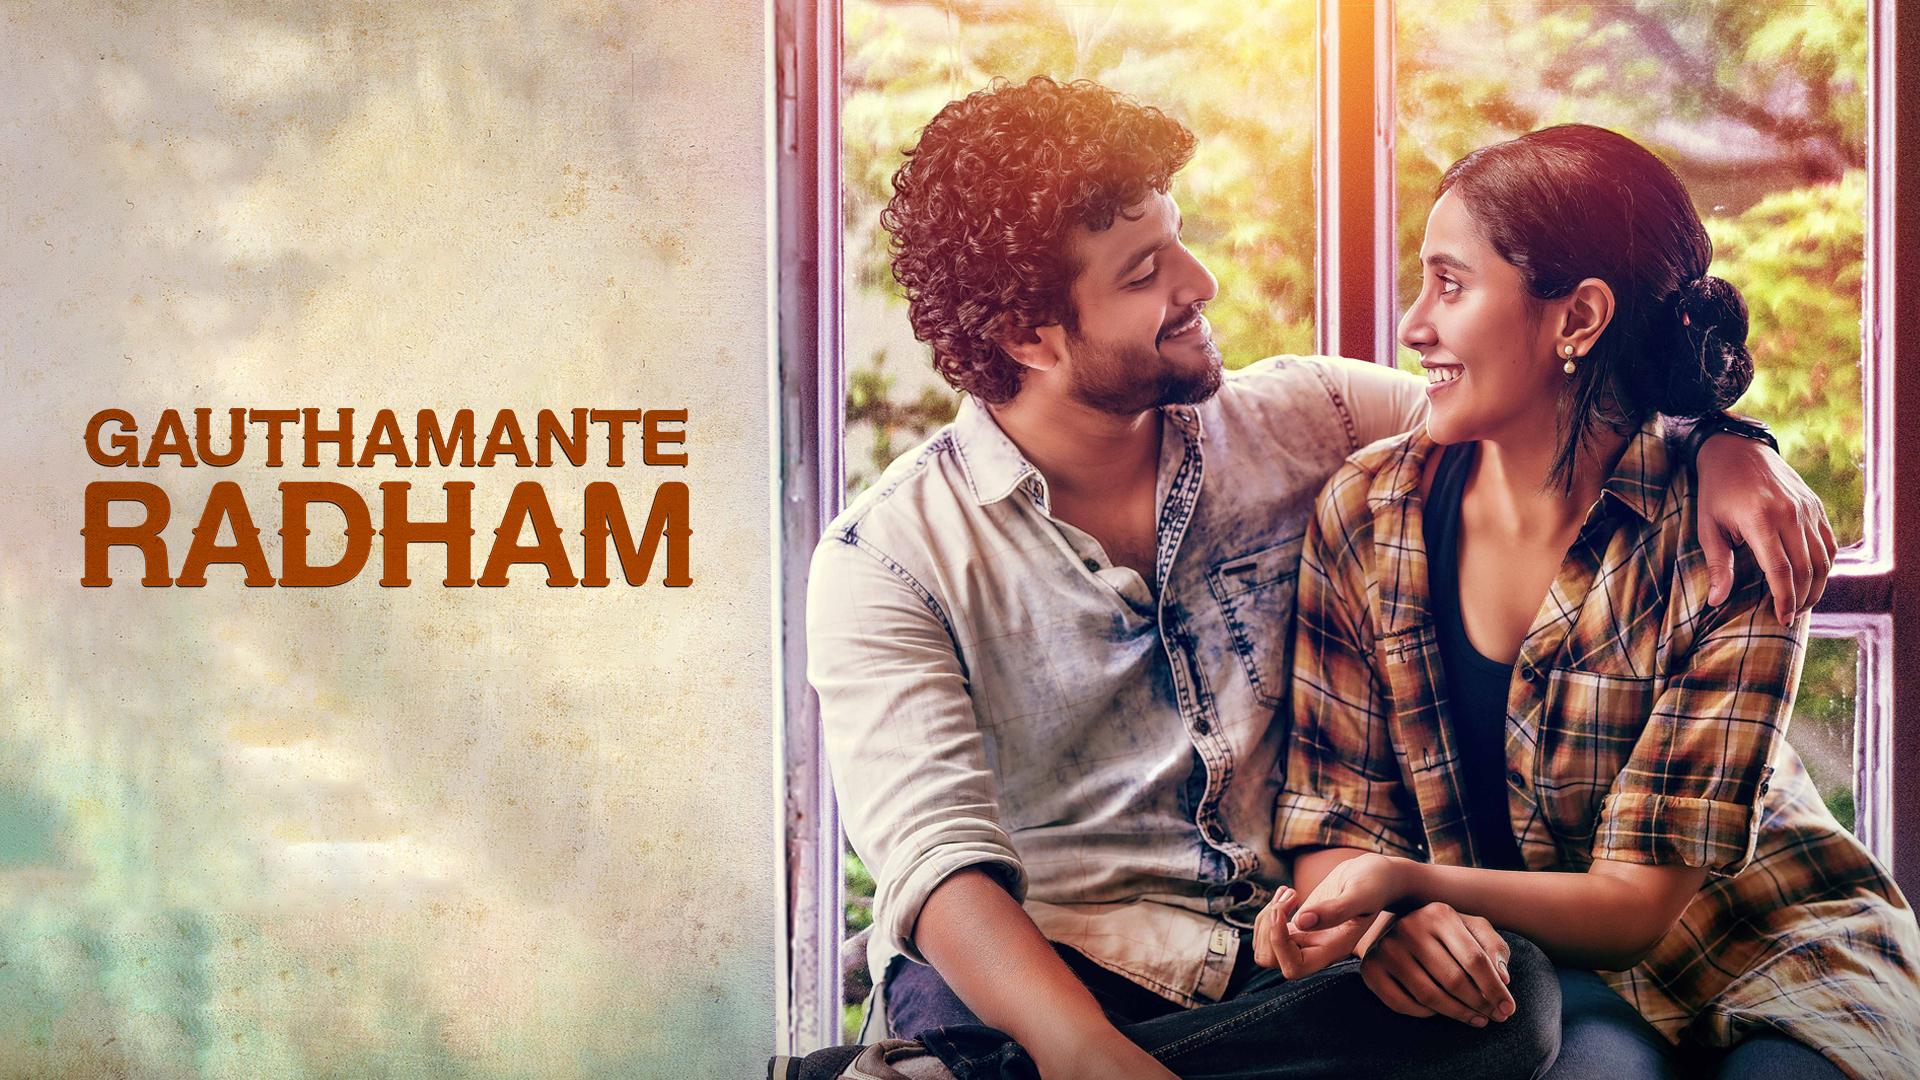 Gauthamante Radham